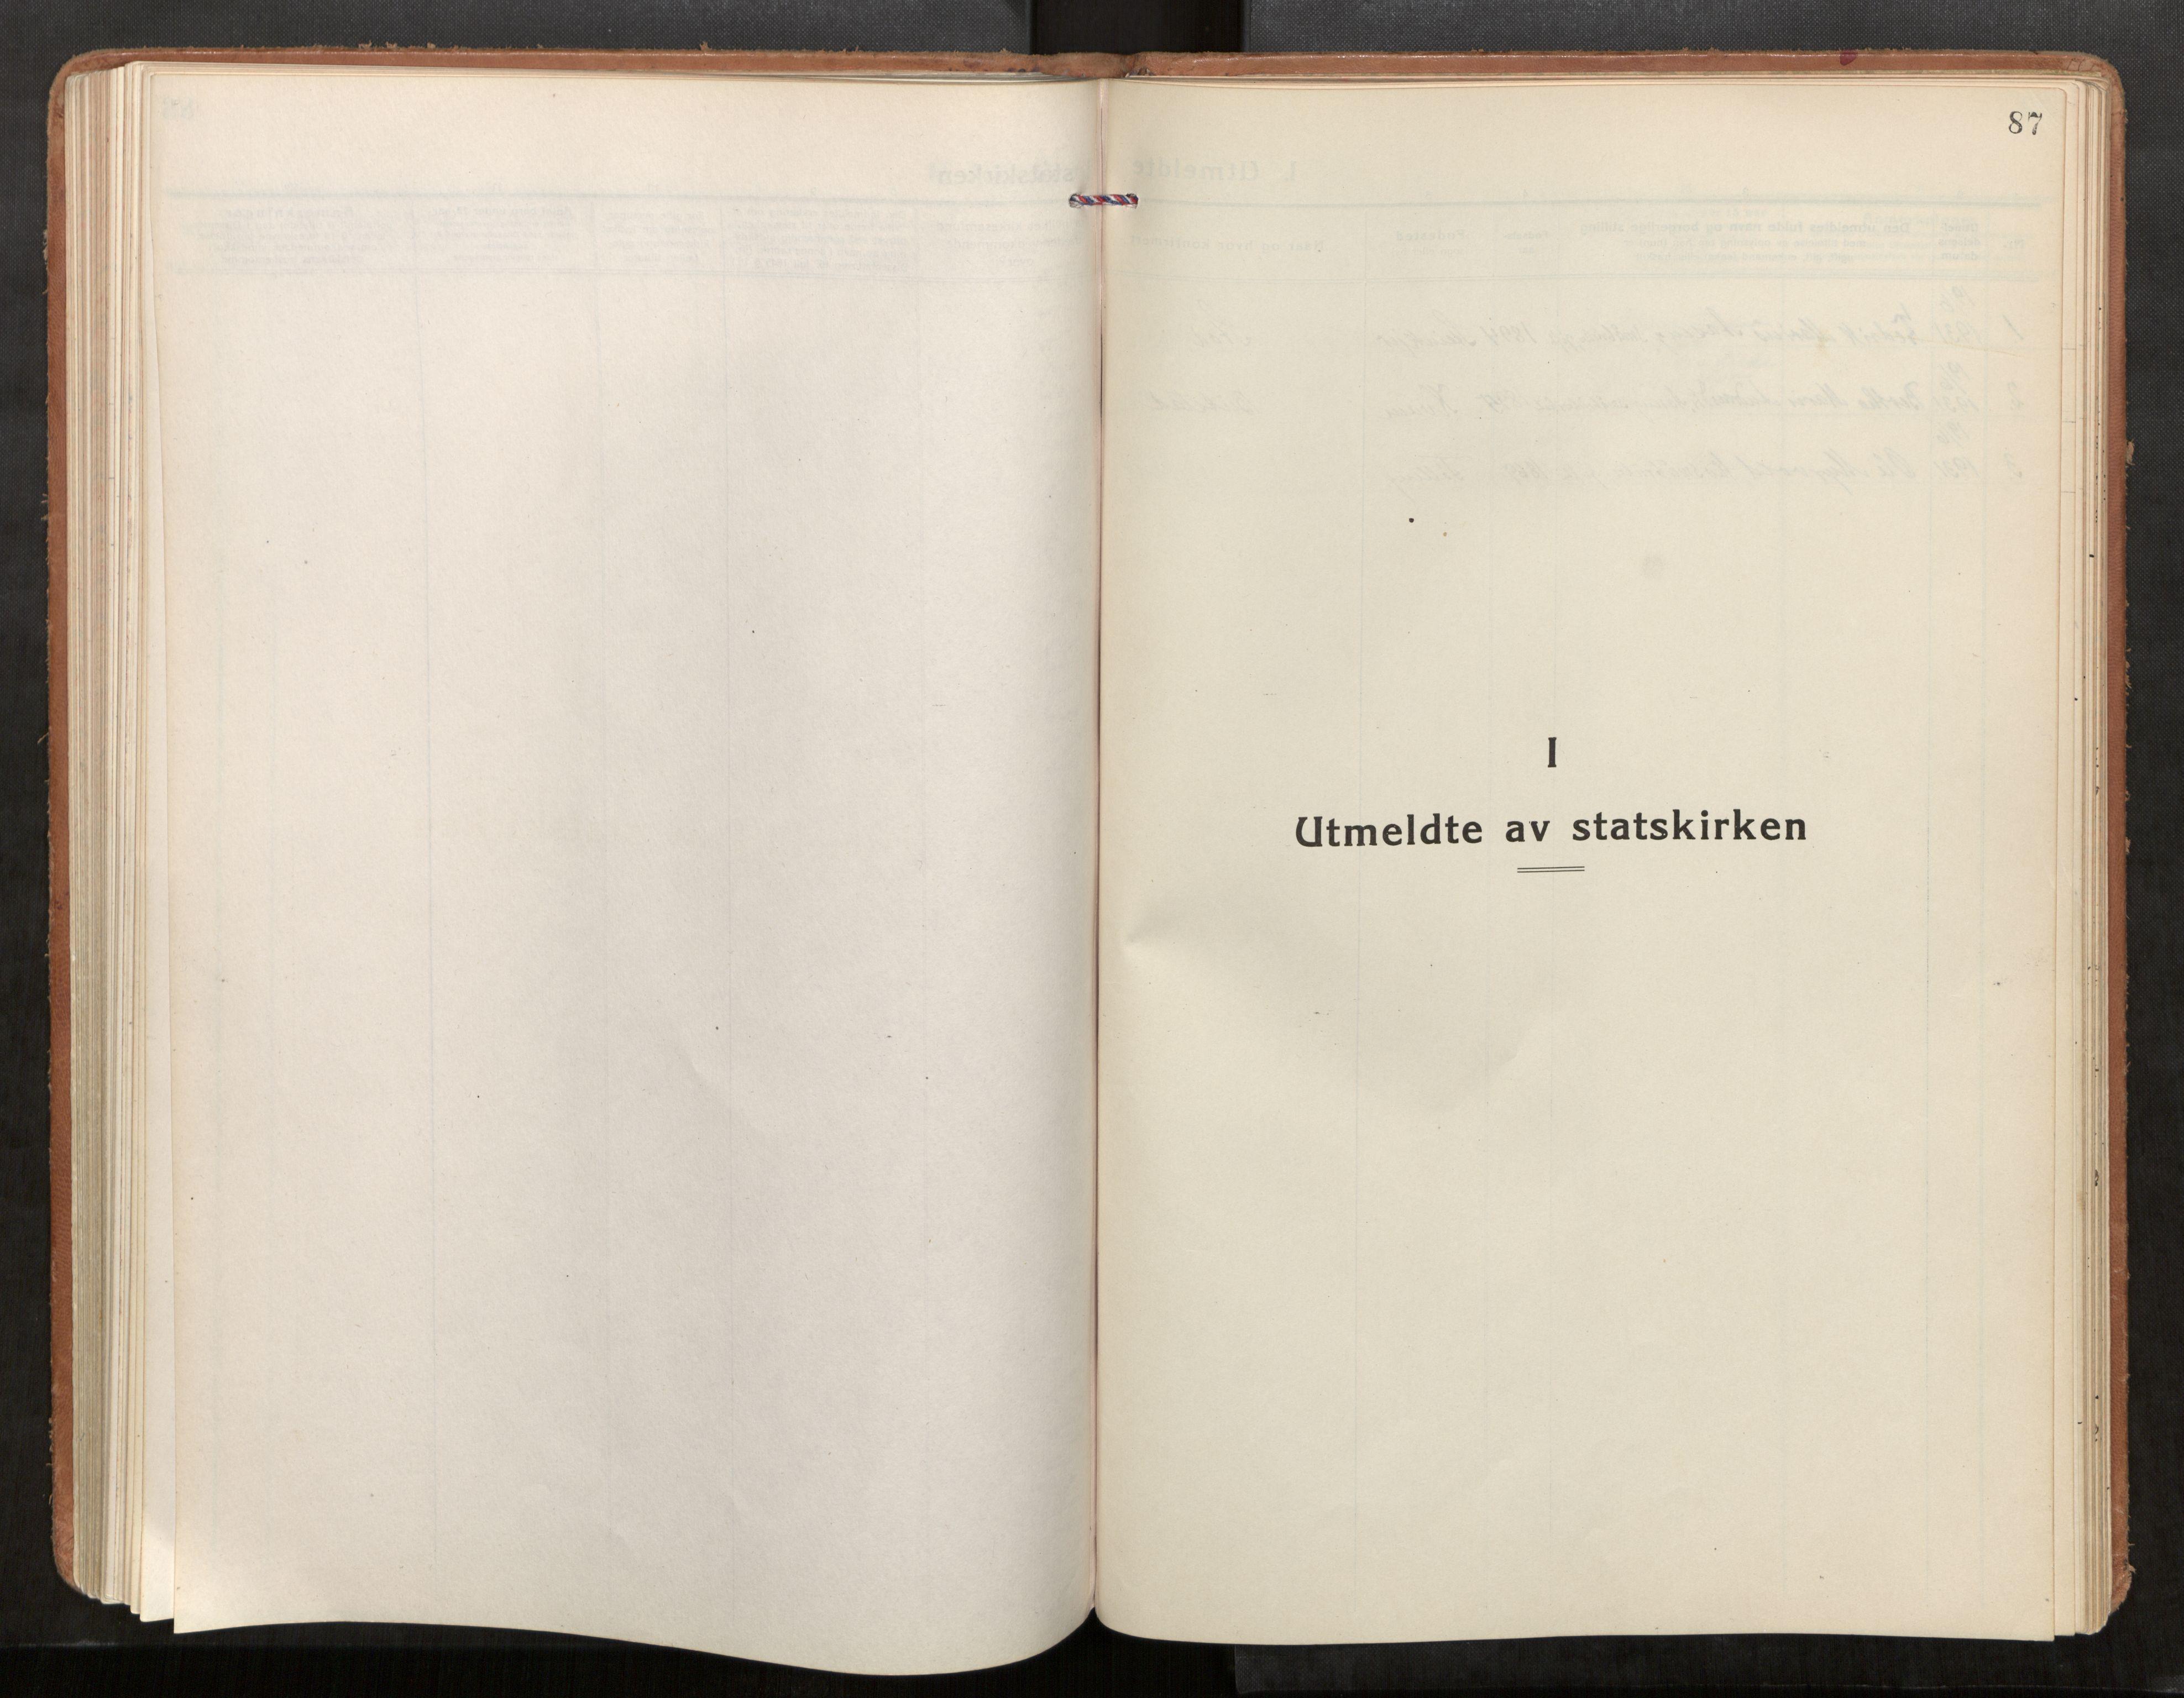 SAT, Stod sokneprestkontor, I/I1/I1a/L0005: Parish register (official) no. 5, 1923-1932, p. 87